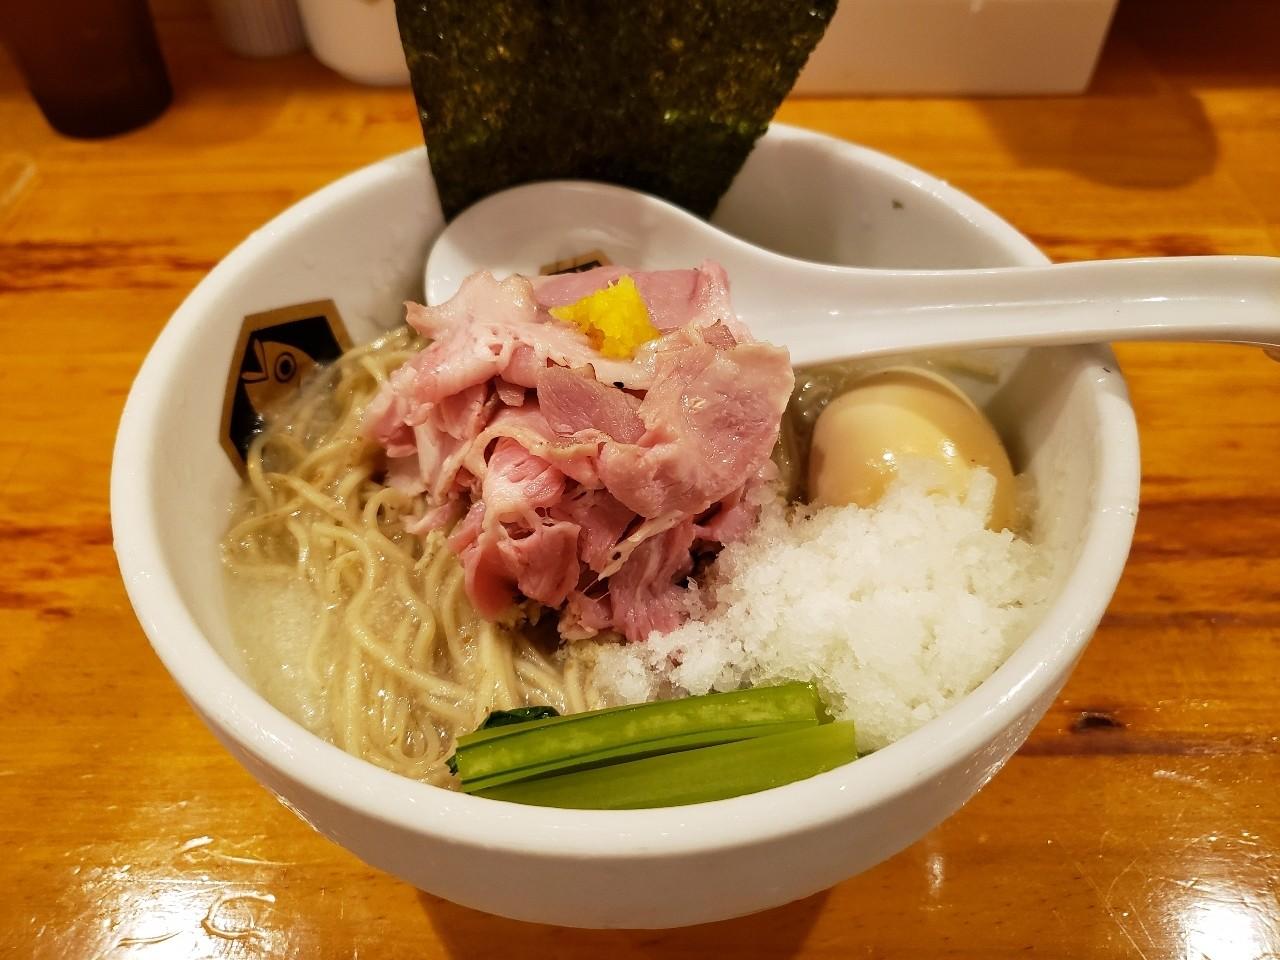 ここだけは押さえておきたい!錦糸町周辺で人気のラーメン店10選 - サムネイル